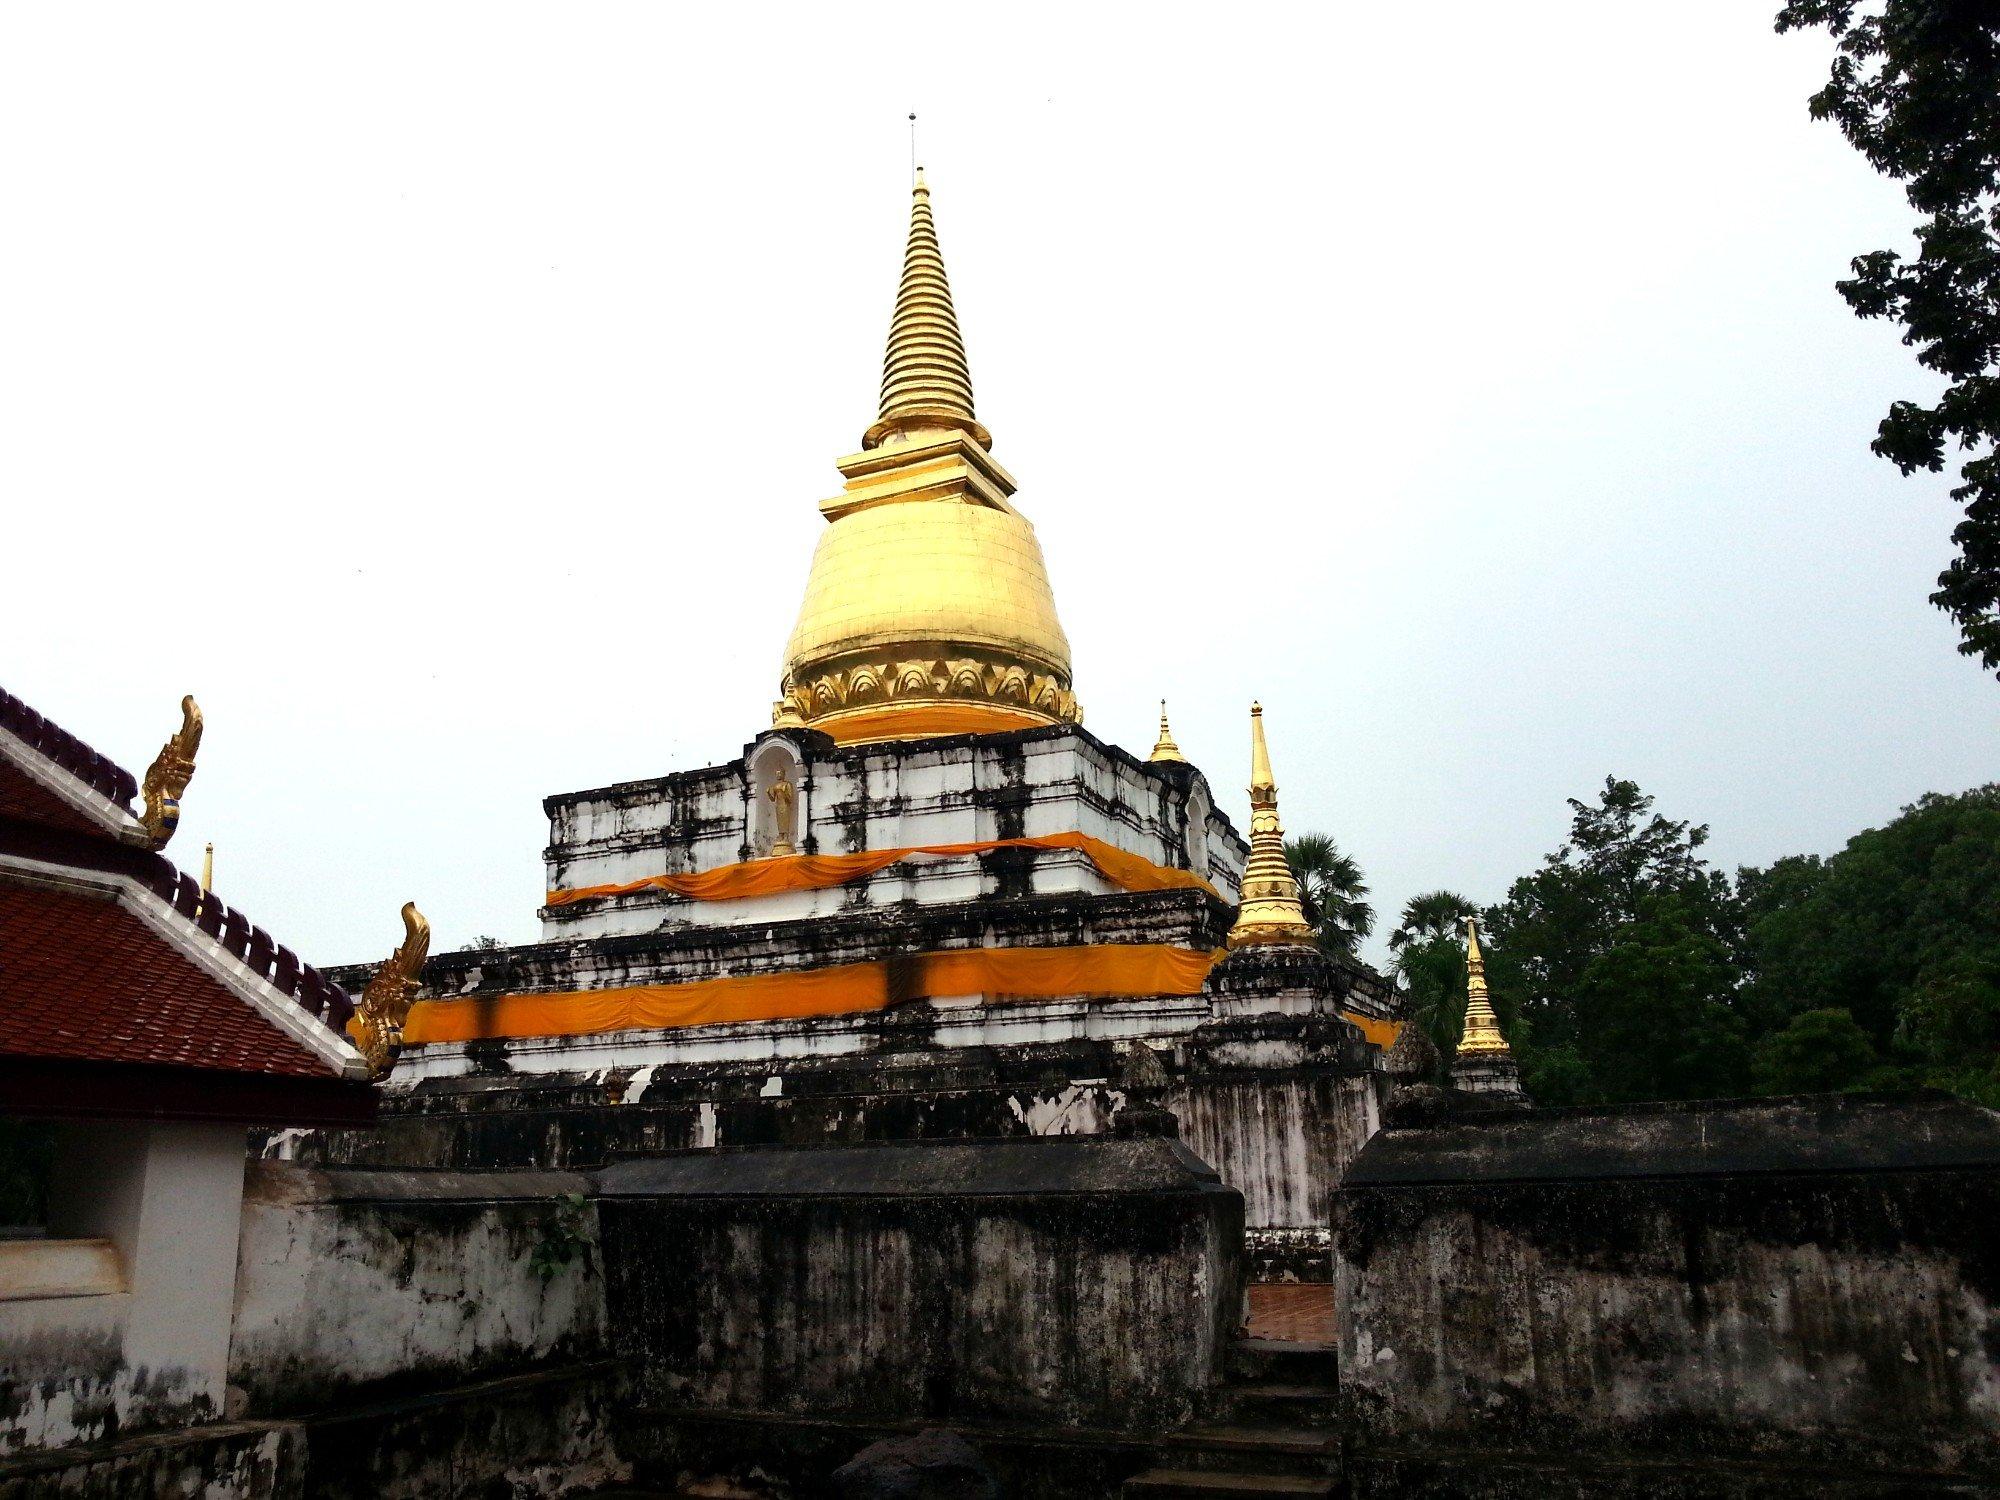 Chedi at Wat Phra Brommathat Thung Yang